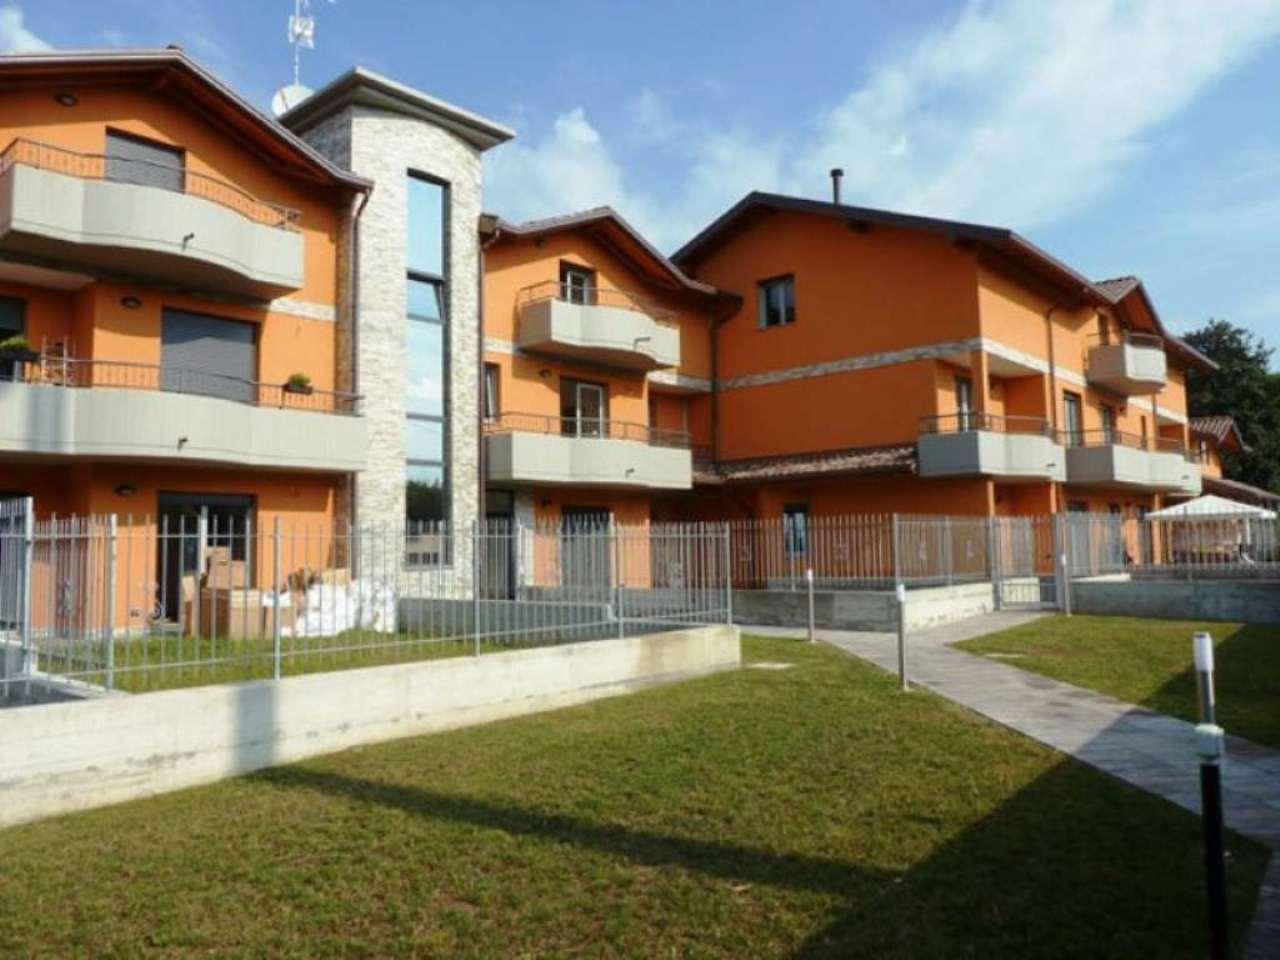 Appartamento in vendita a Marnate, 2 locali, prezzo € 130.000 | Cambio Casa.it